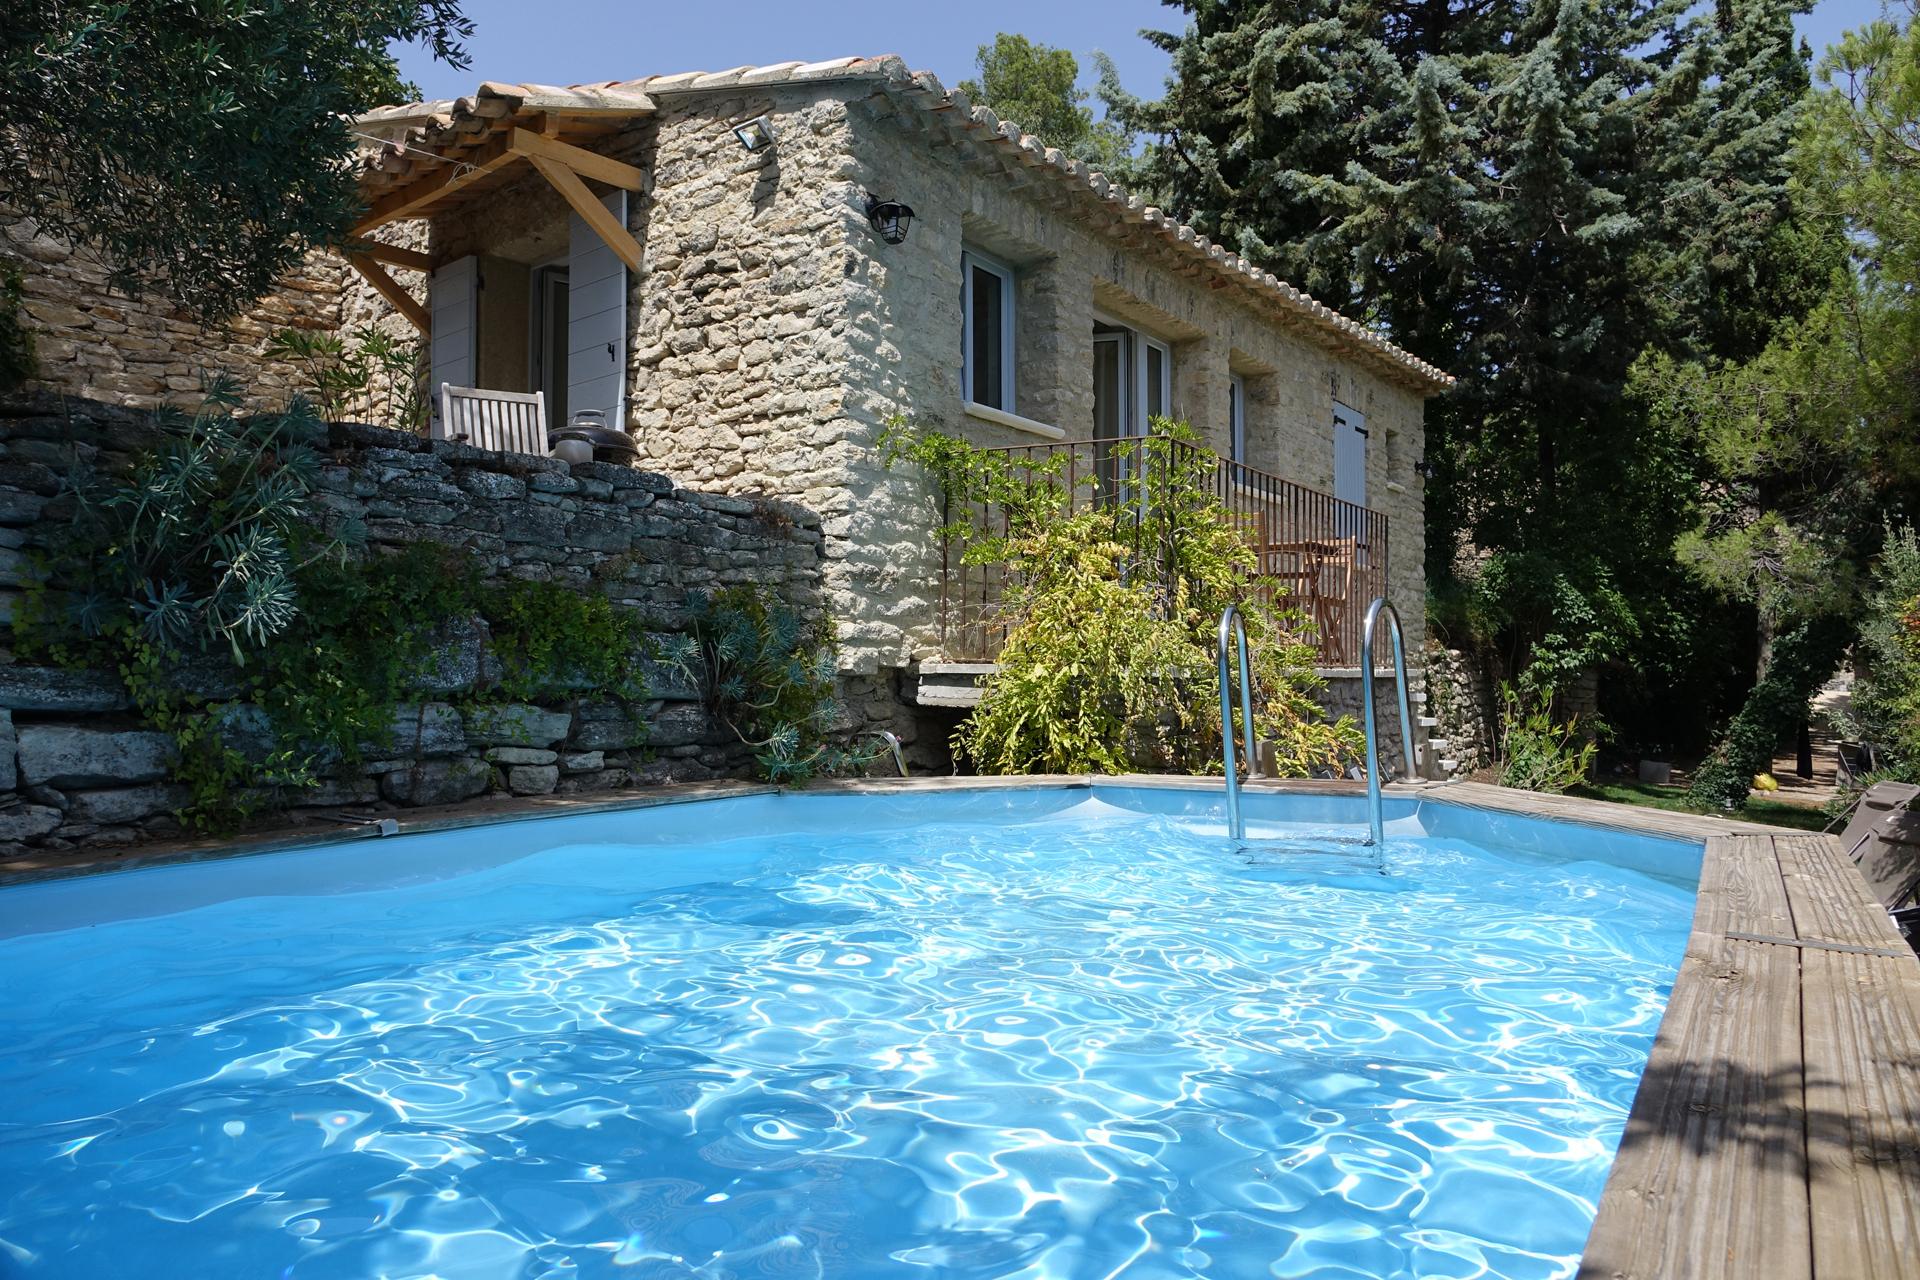 Location Vacances Luberon | Maison De Vacances Avec Piscine ... intérieur Location Maison Avec Piscine France